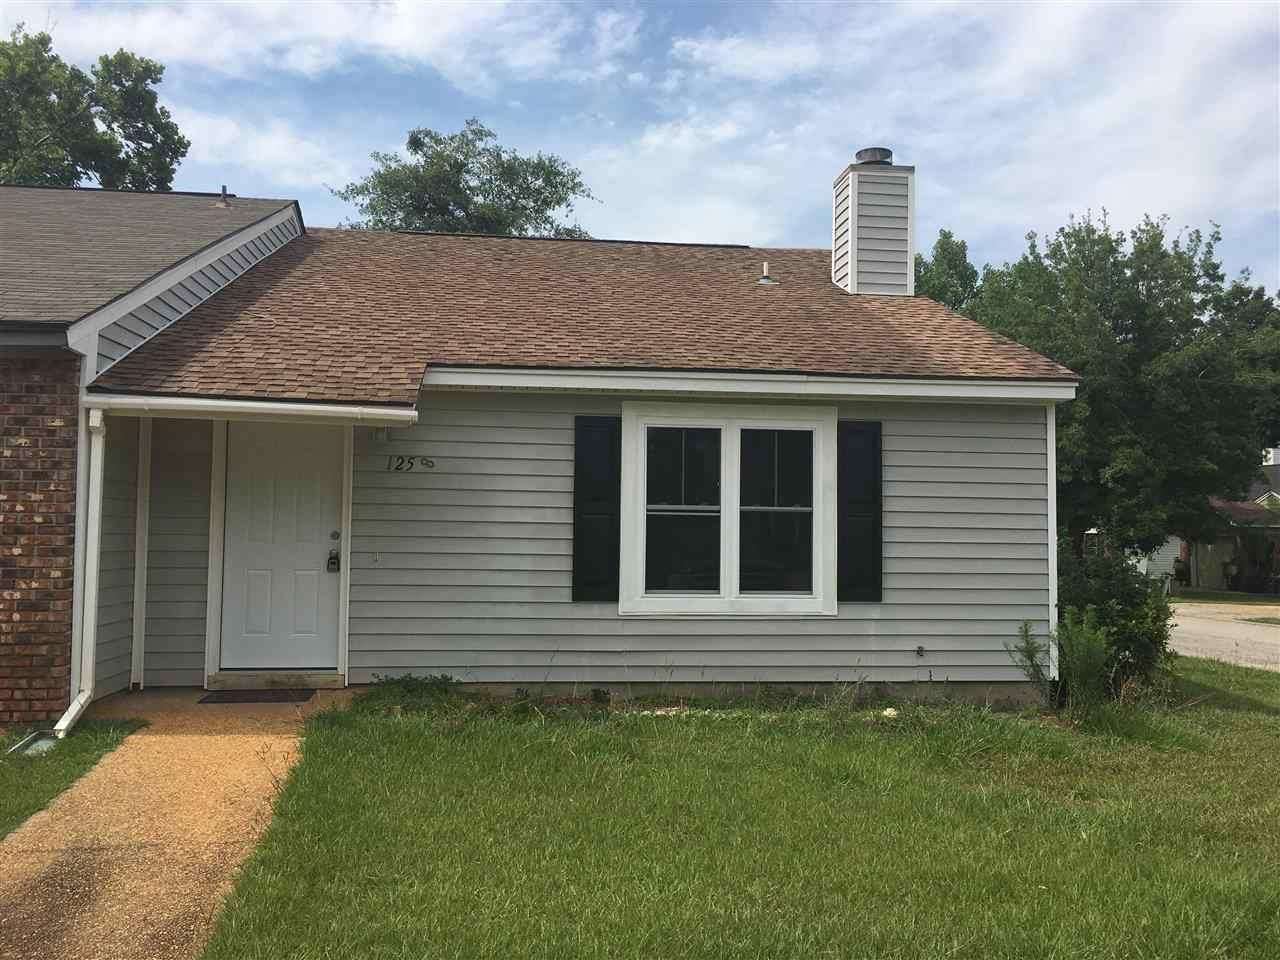 1258 Breckenridge Rd. #1, Tallahassee, FL 32311 - MLS#: 333715